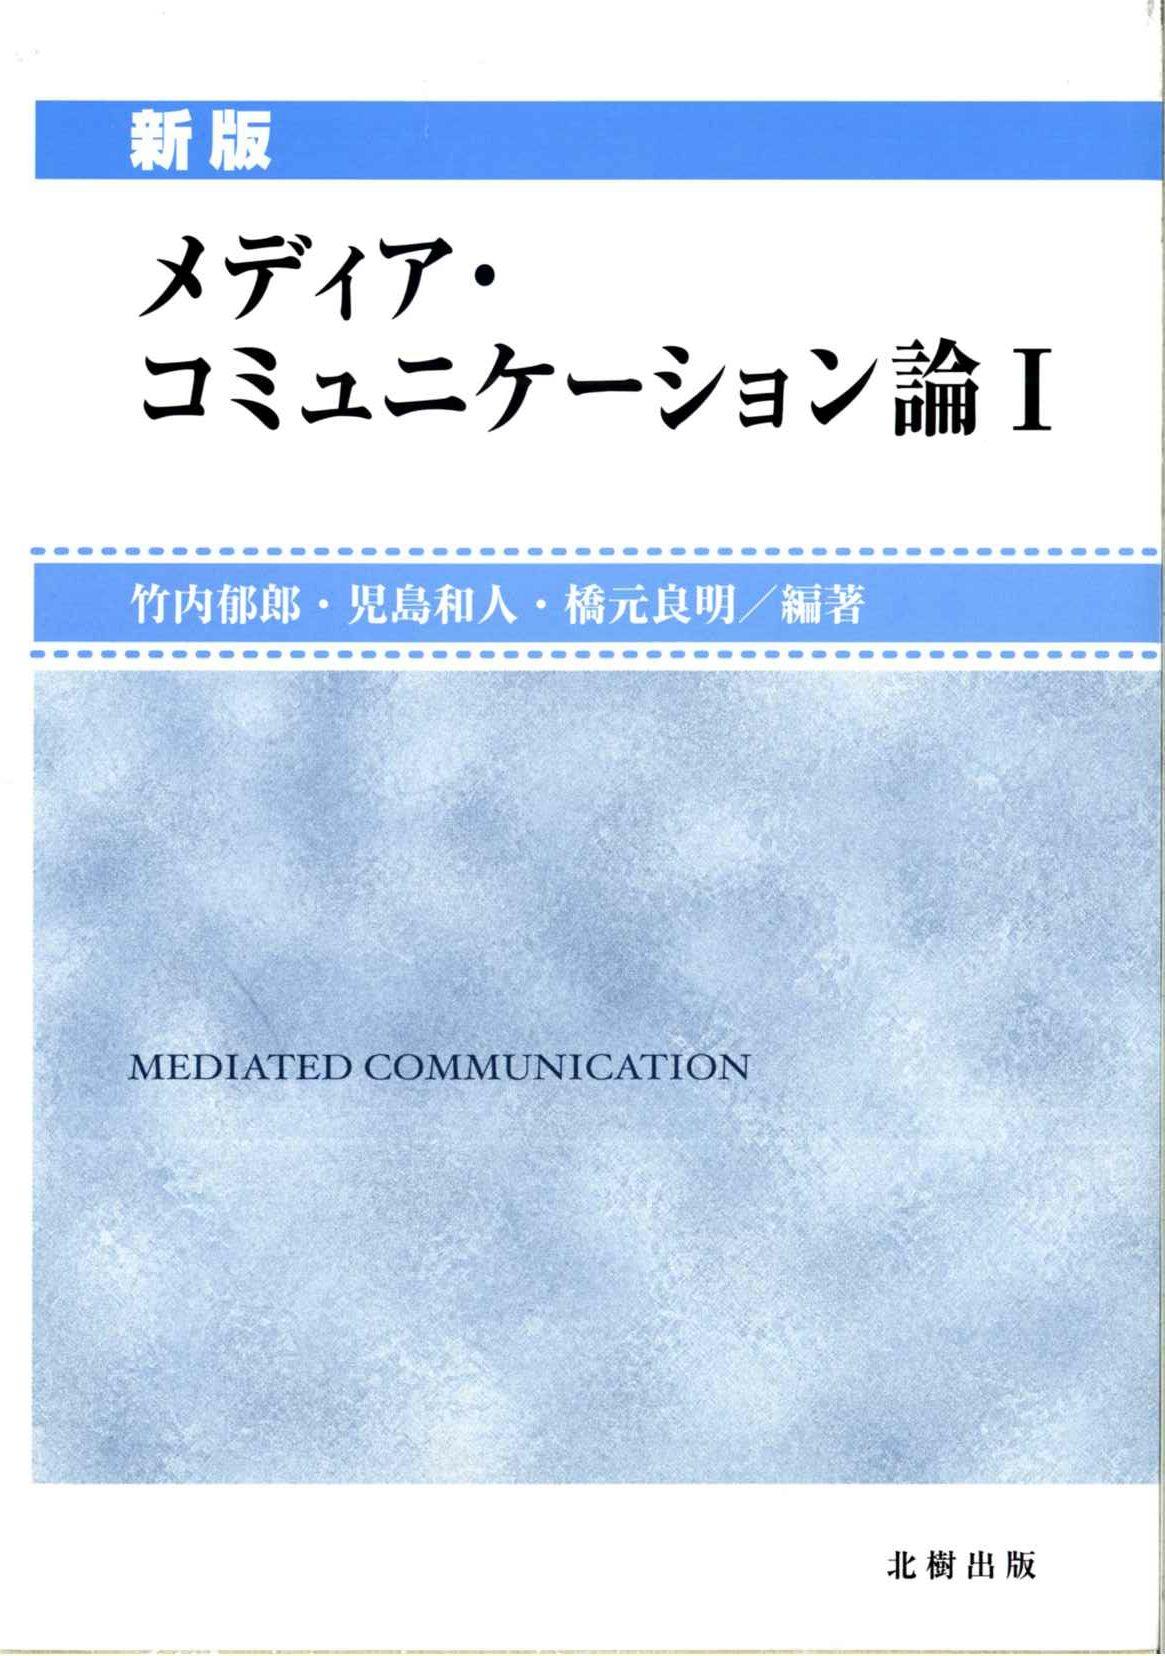 メディア・コミュニケーション論 1 新版